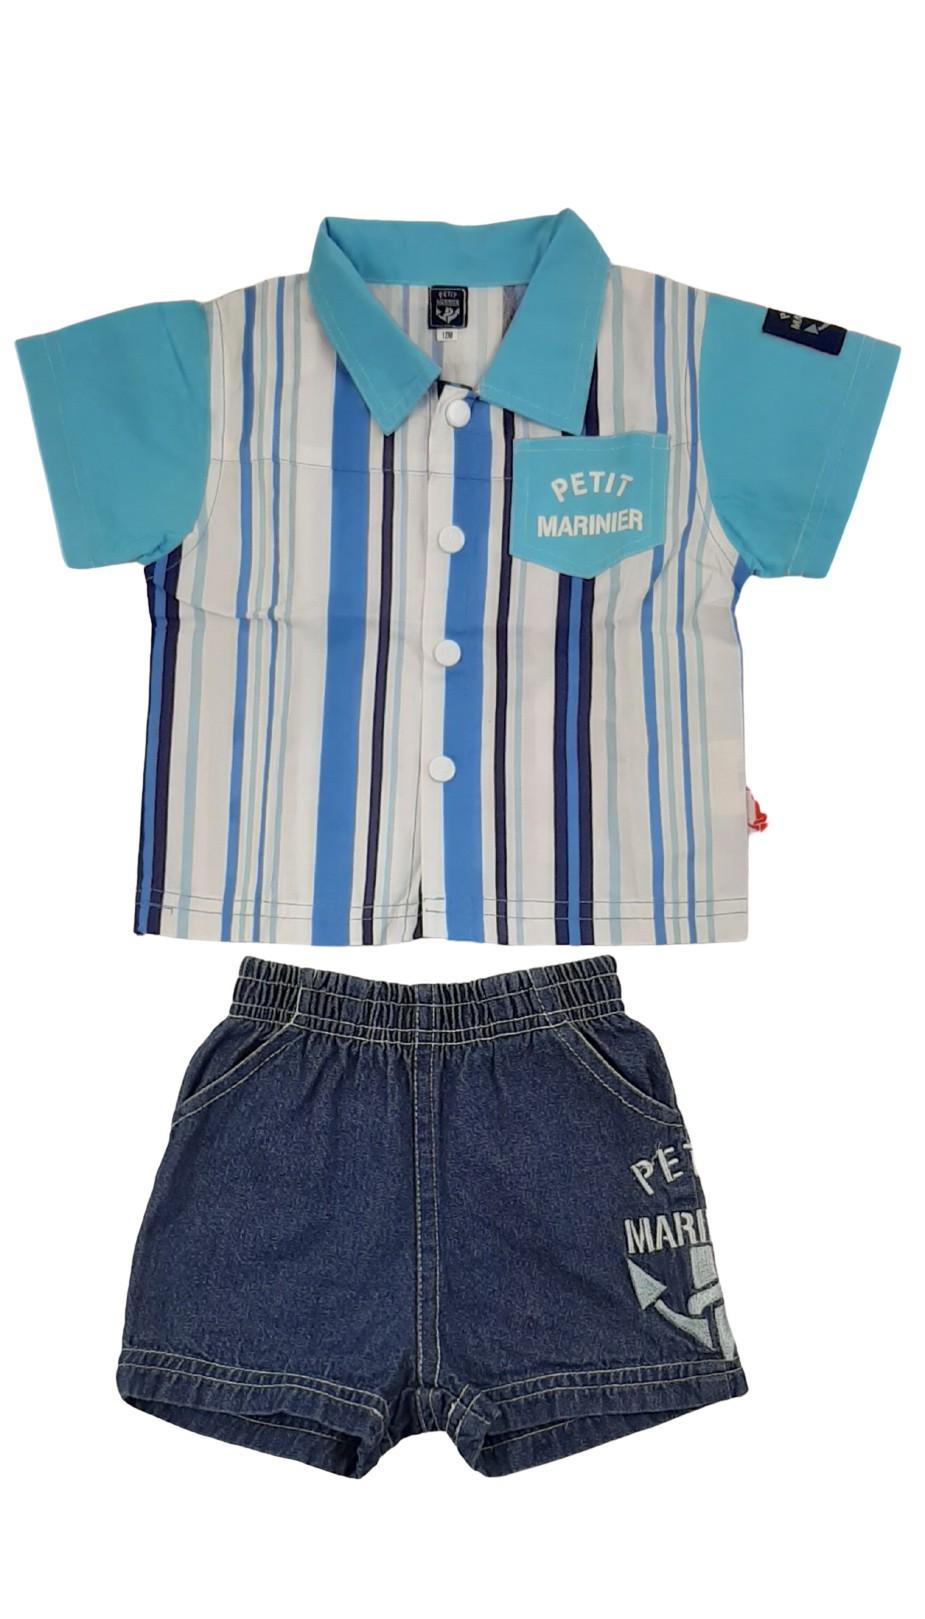 Ensemble 2 pièces : chemise et short en jean assortis 1